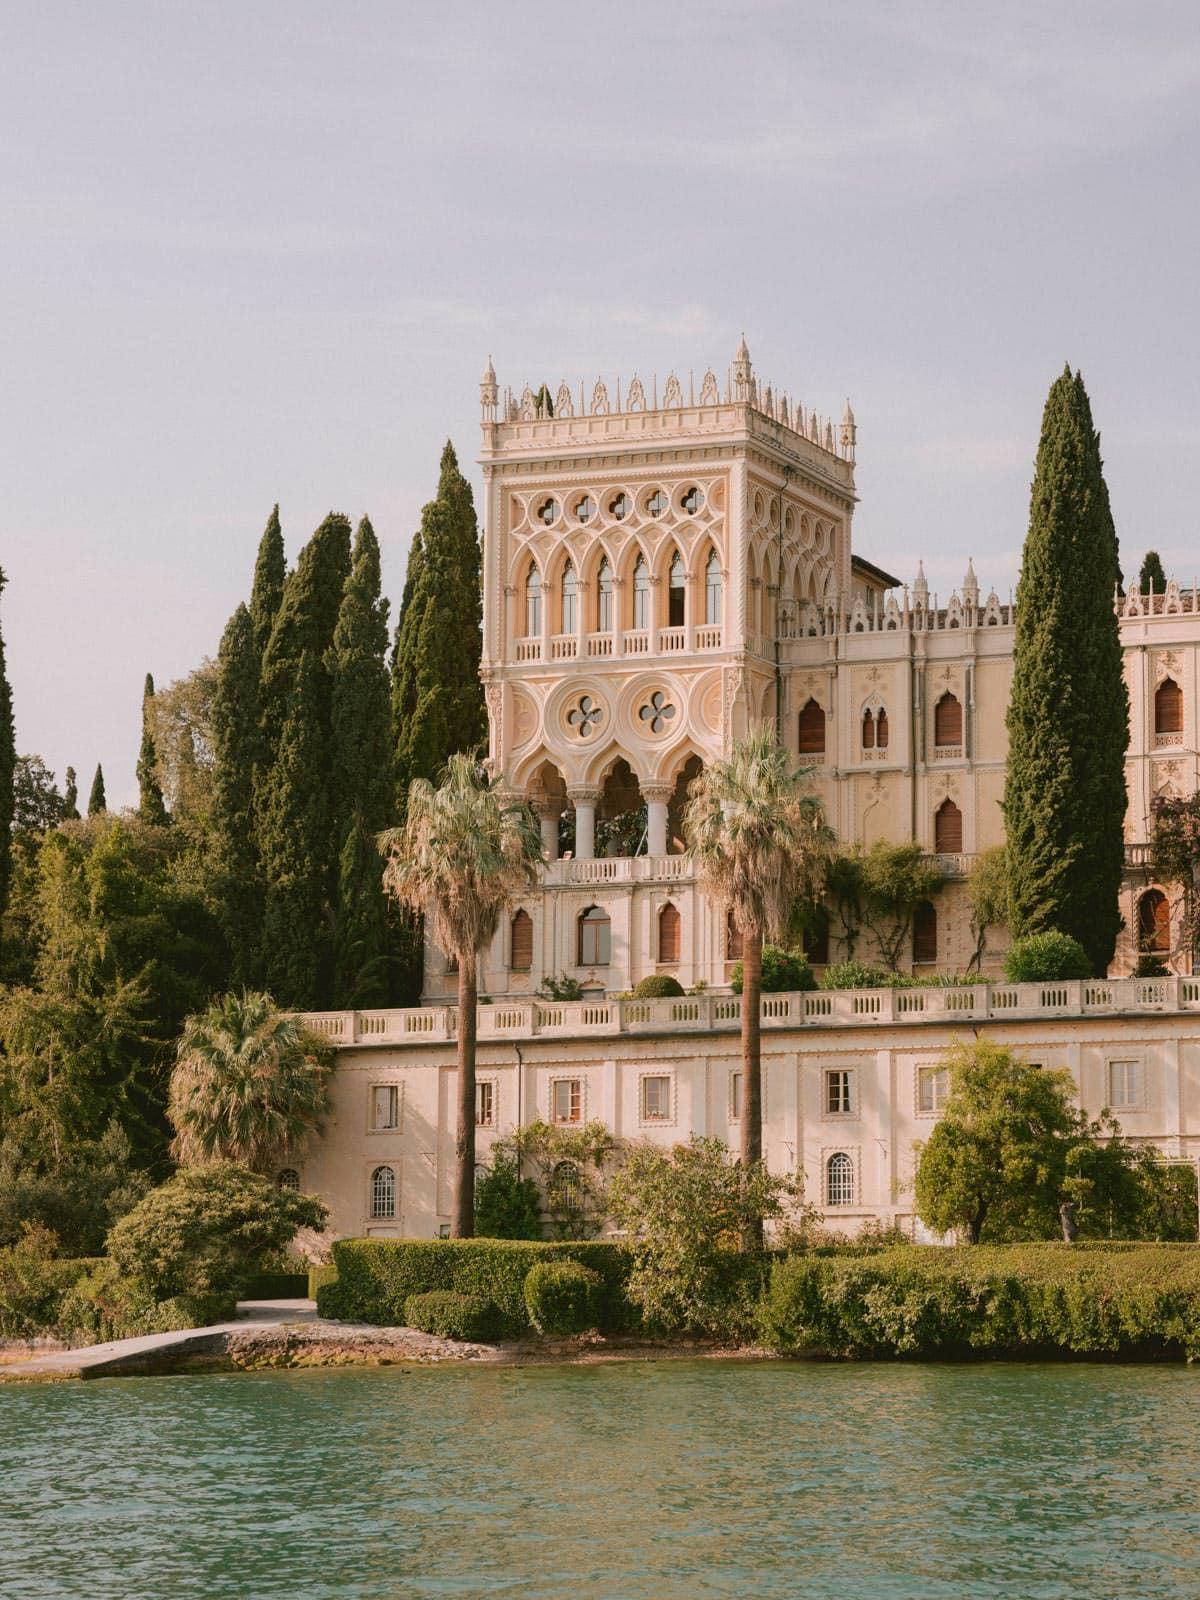 the Isola del Garda wedding ceremony venue